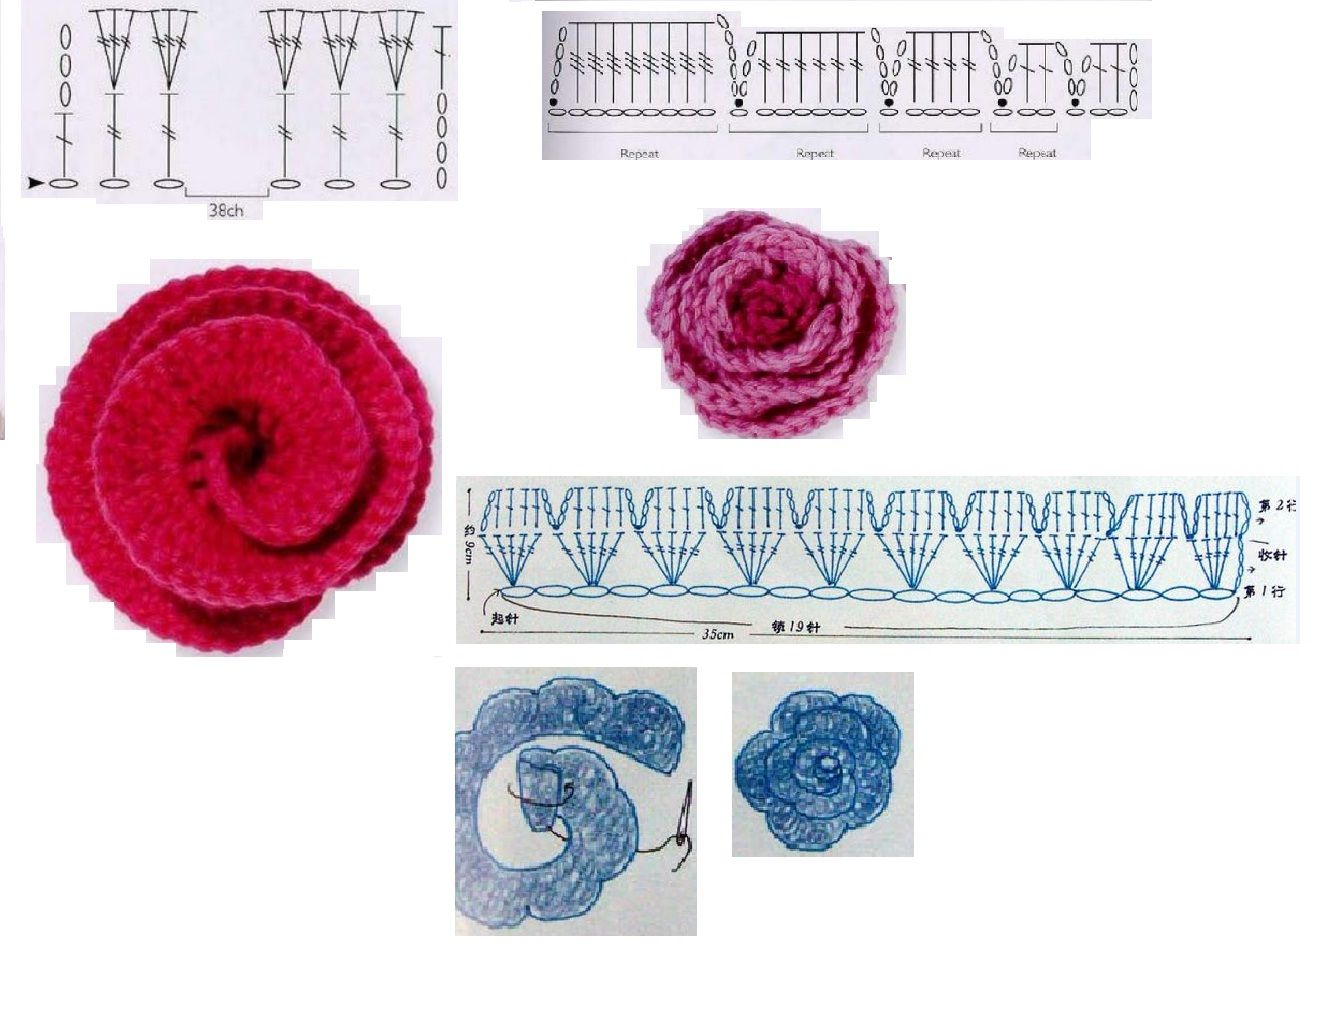 Rinconcito de Hada Nocturna: patrones | flores crochet | Pinterest ...